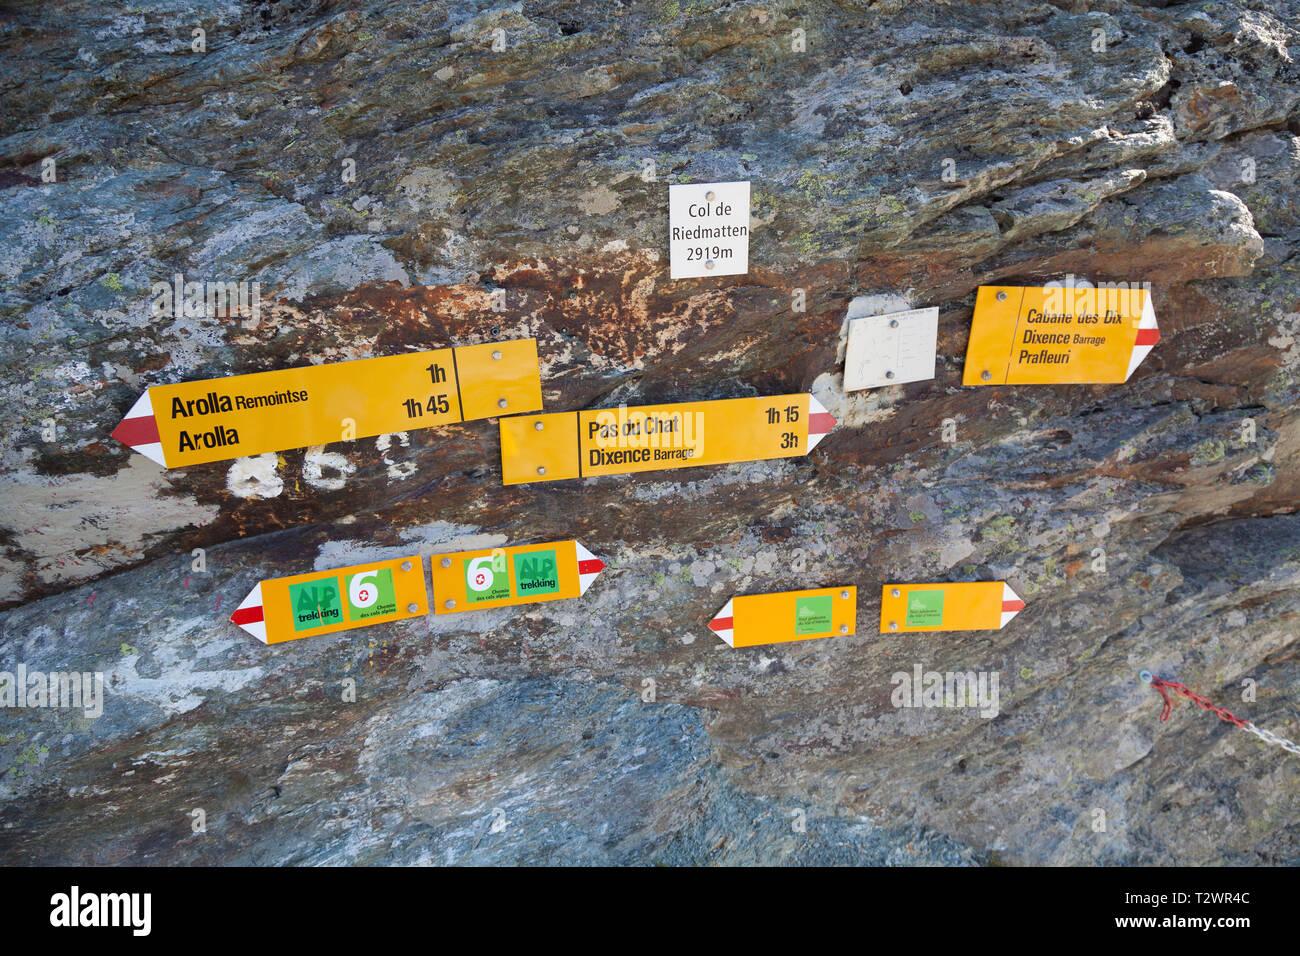 Signage am Gipfel des Col de Riedmatten, auf die Haute Route zwischen Arolla und Cabane des Dix. Stockfoto